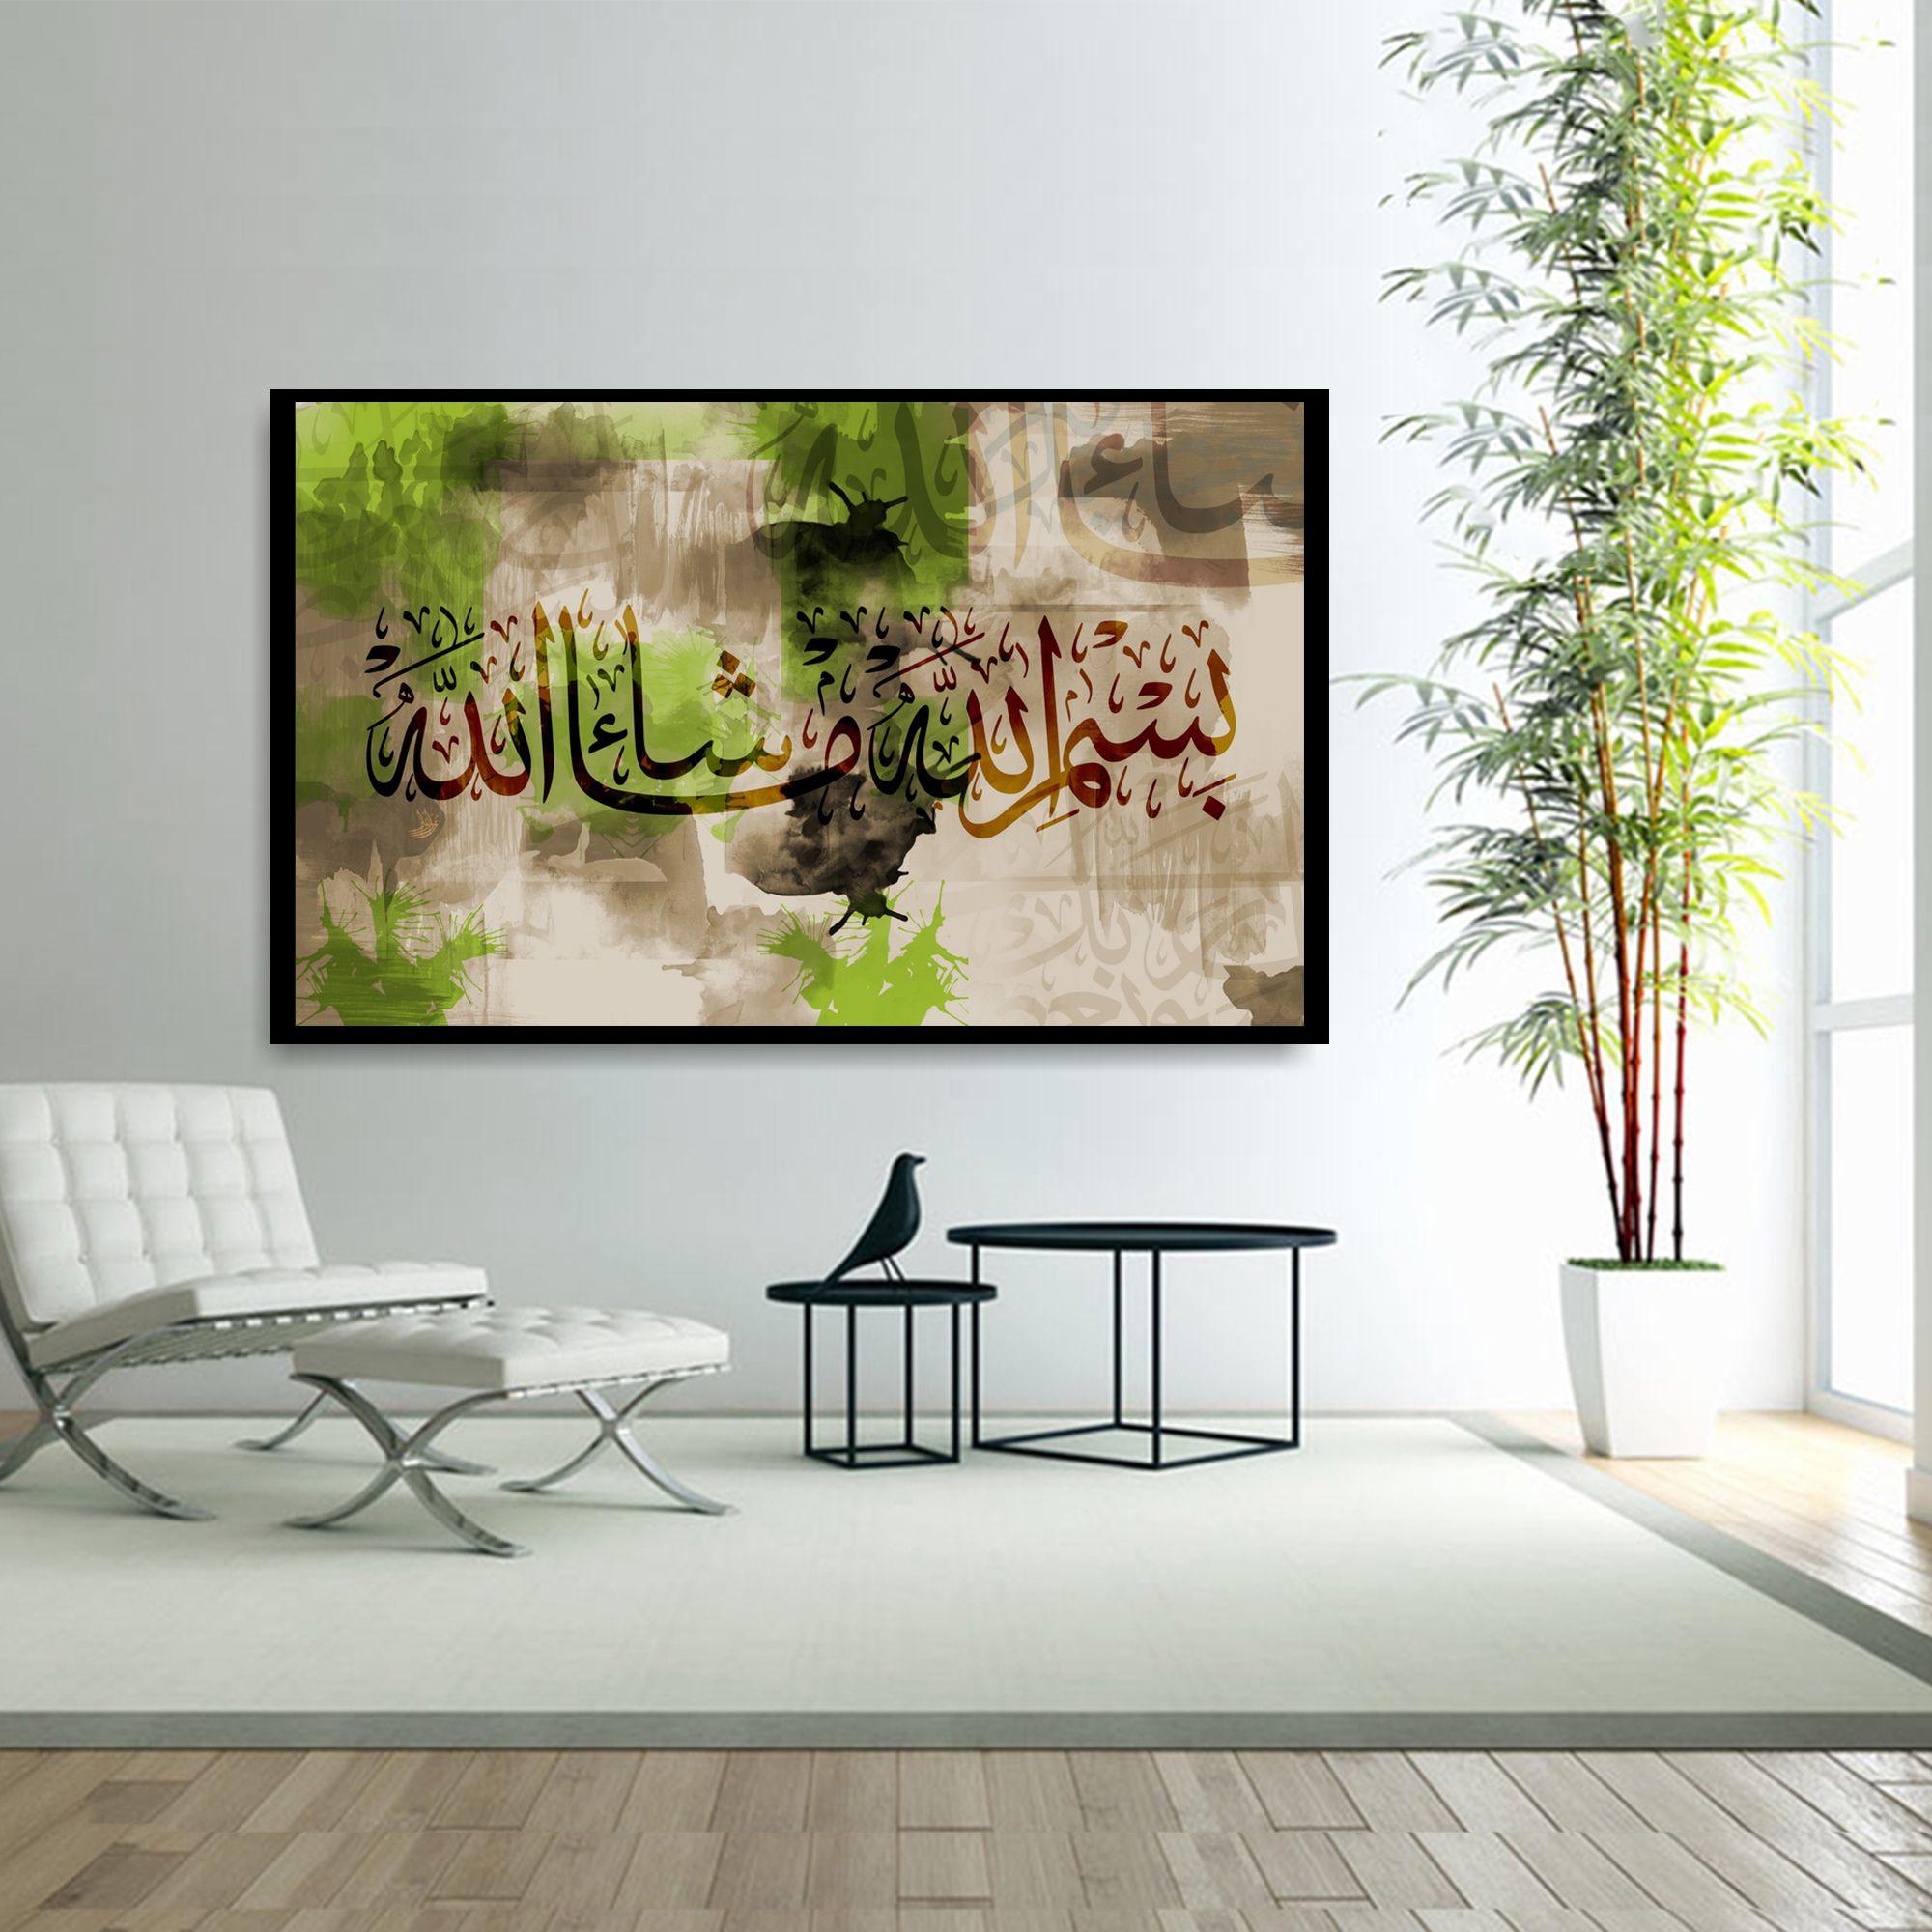 بسم الله ماشاء الله لوحات مميزة بالخط العربي مطبوعة على أجود أنواع قماش الكانفاس أو الجلد الألماني يمكن Calligraphy Wall Art Islamic Wall Art Islamic Decor